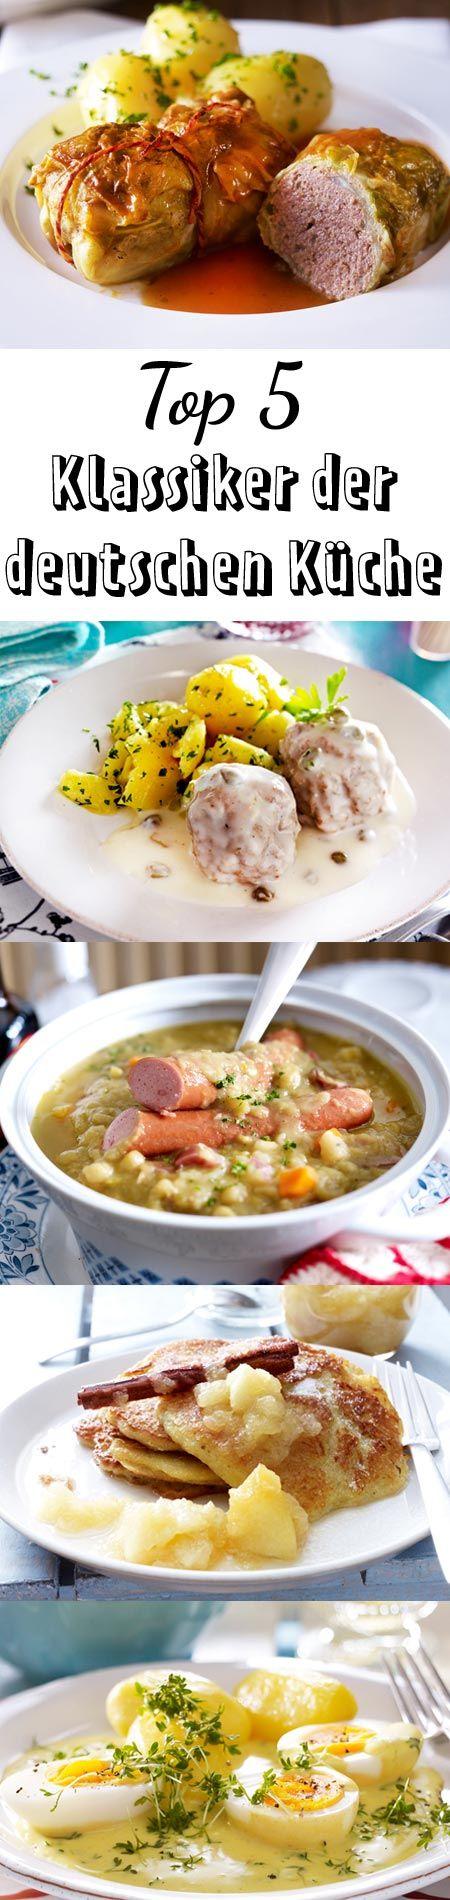 Die besten Top 5 Rezepte der deutschen Küche für dich auf einen Blick. Welches Rezept gefällt dir am besten? Koche es gleich nach!